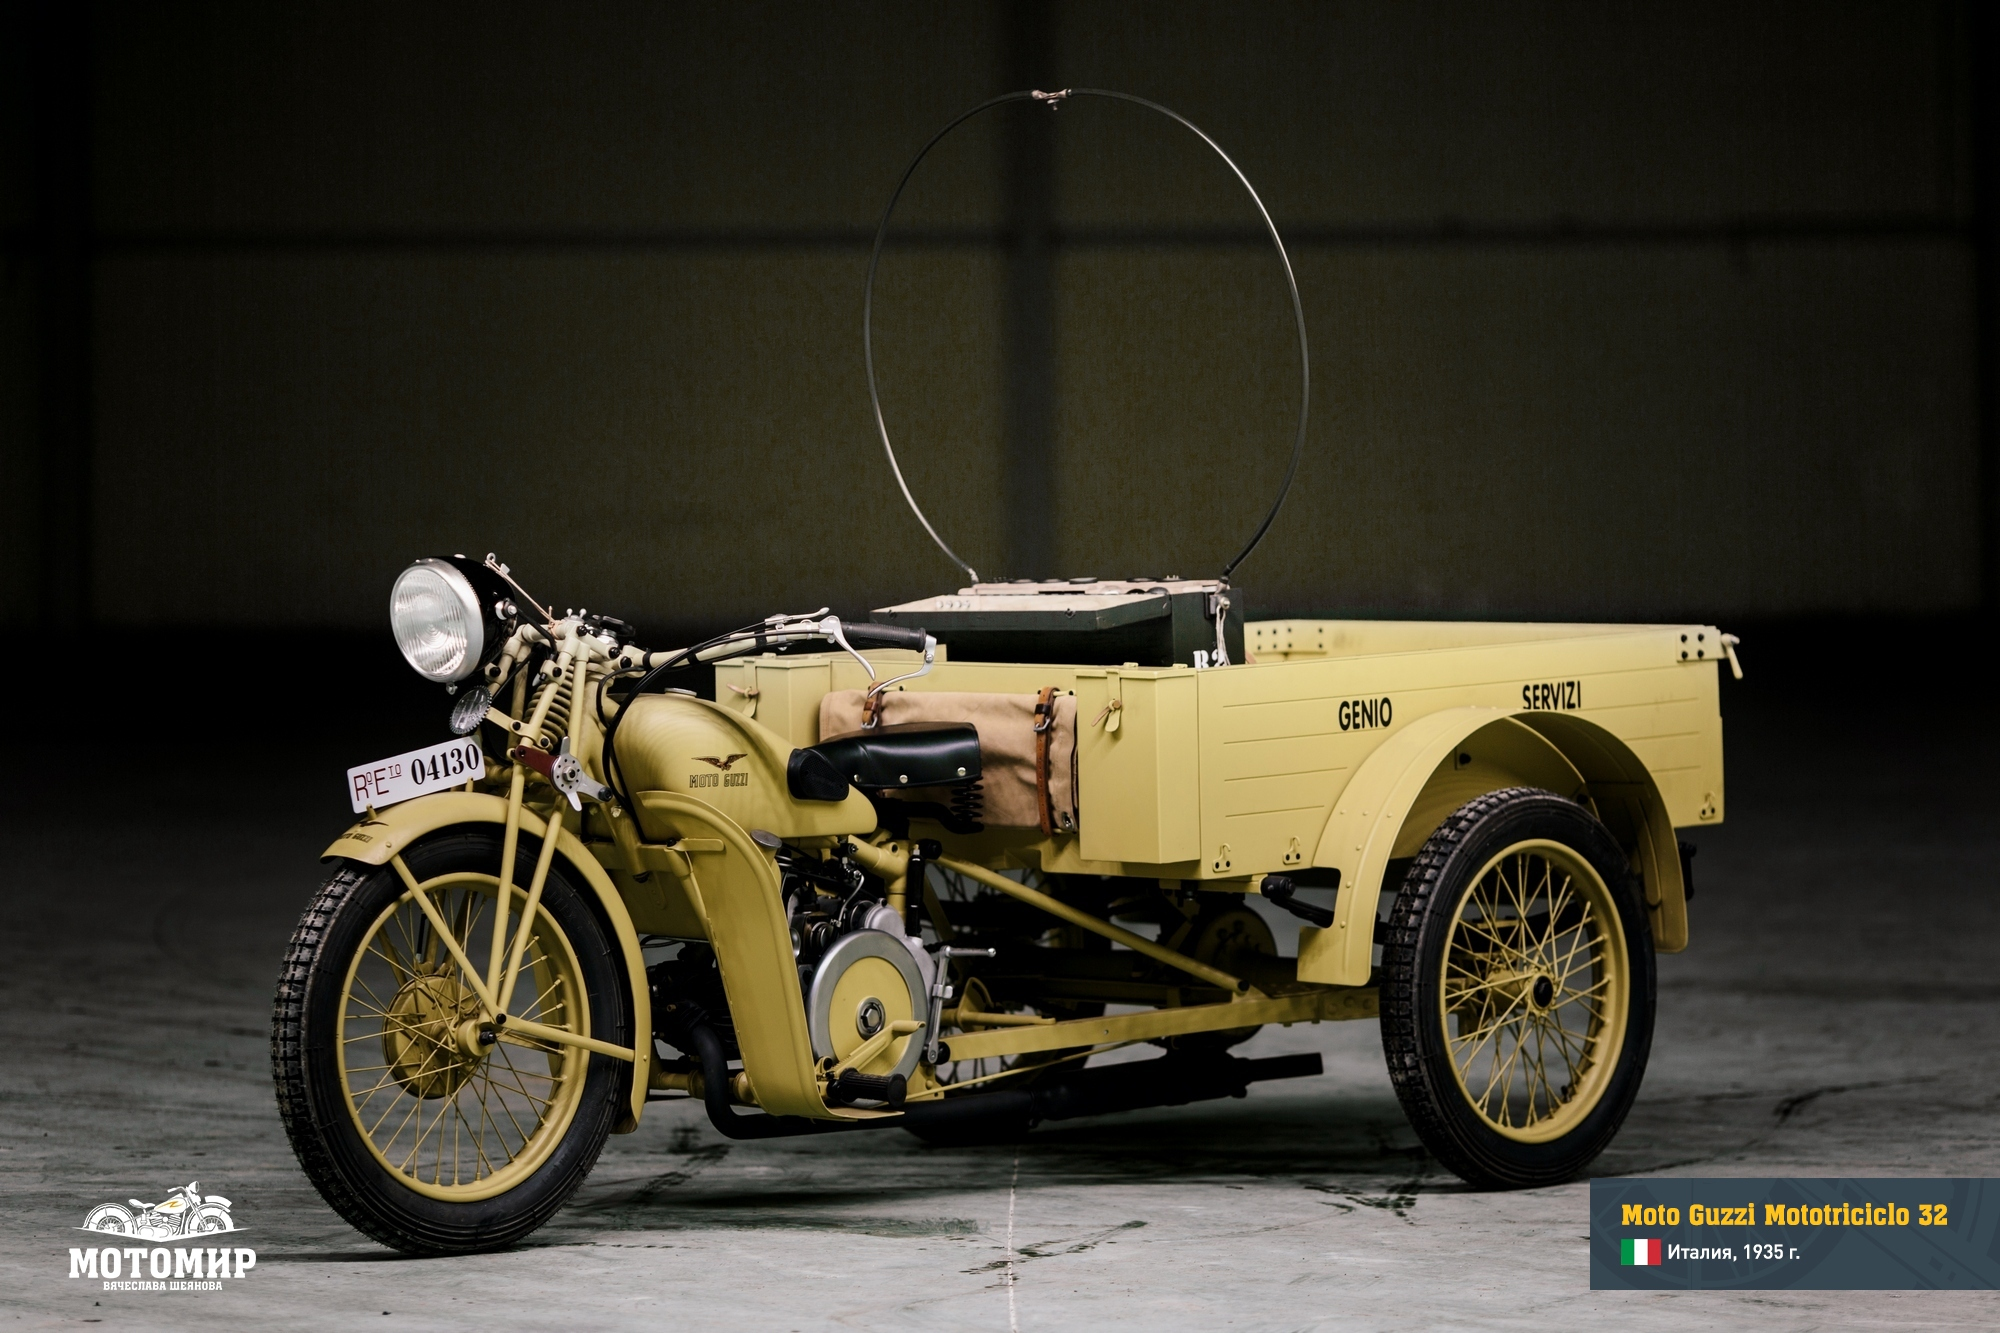 moto-guzzi-mototriciclo-32-web-02